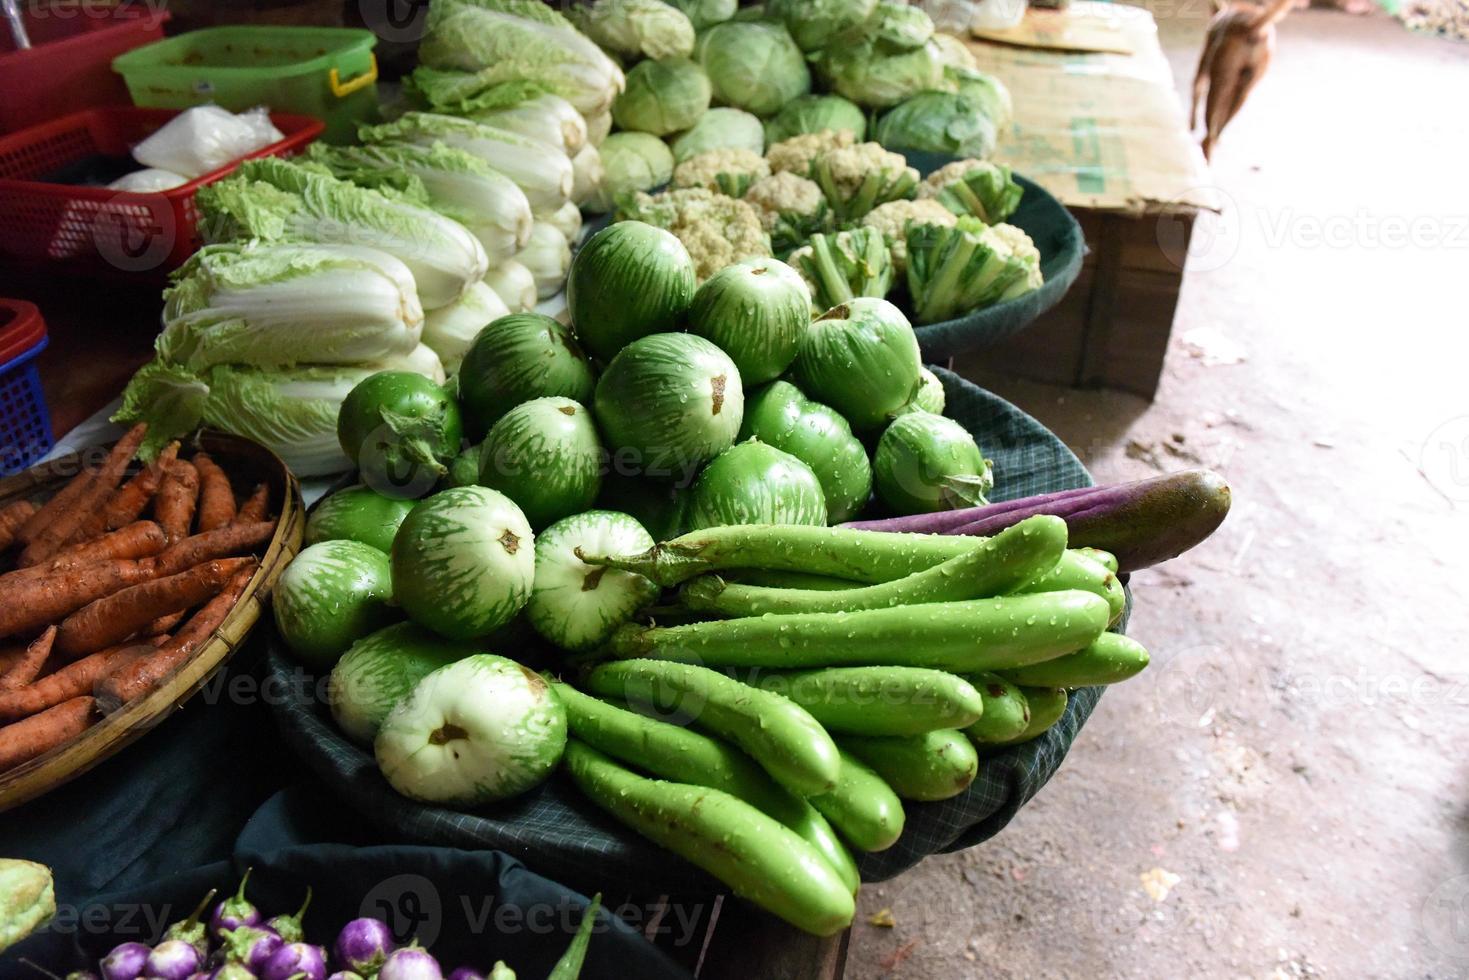 vegetais no mercado de produtos frescos foto